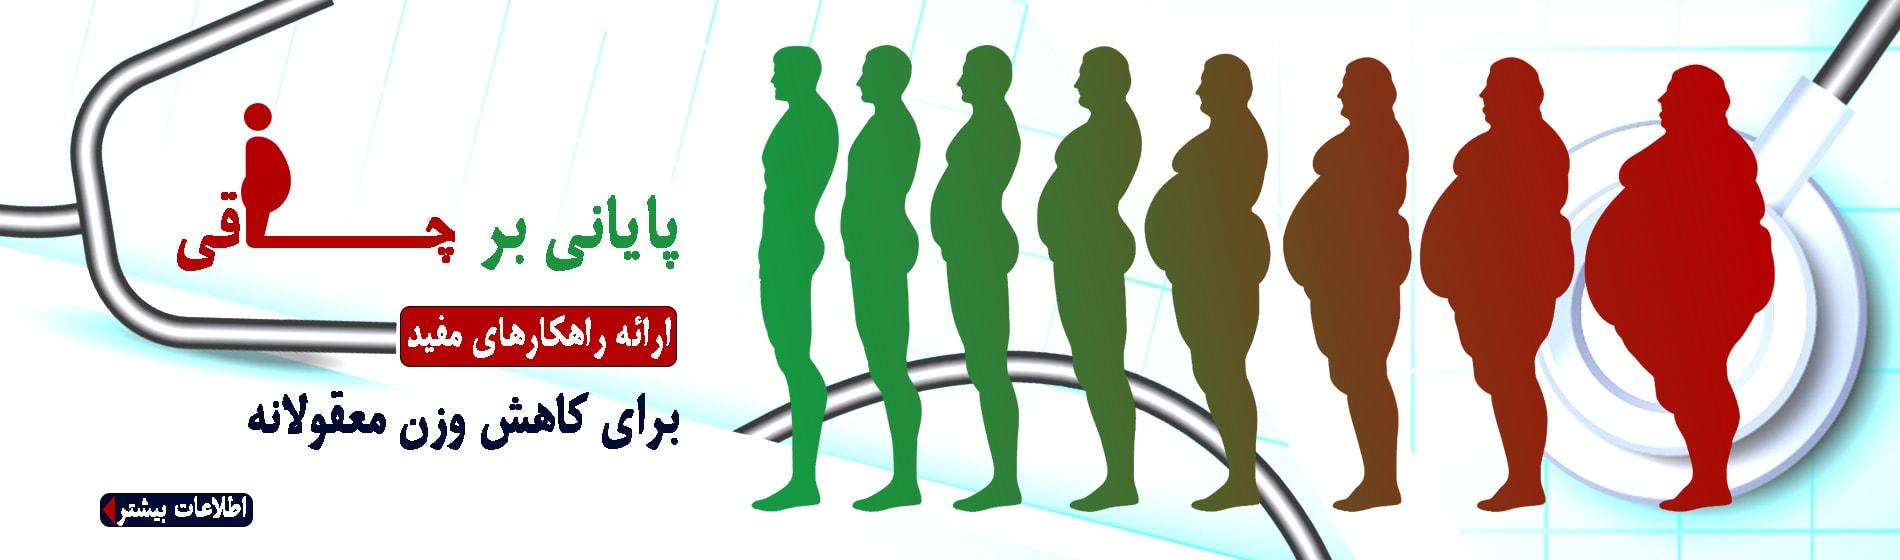 پایانی بر چاقی